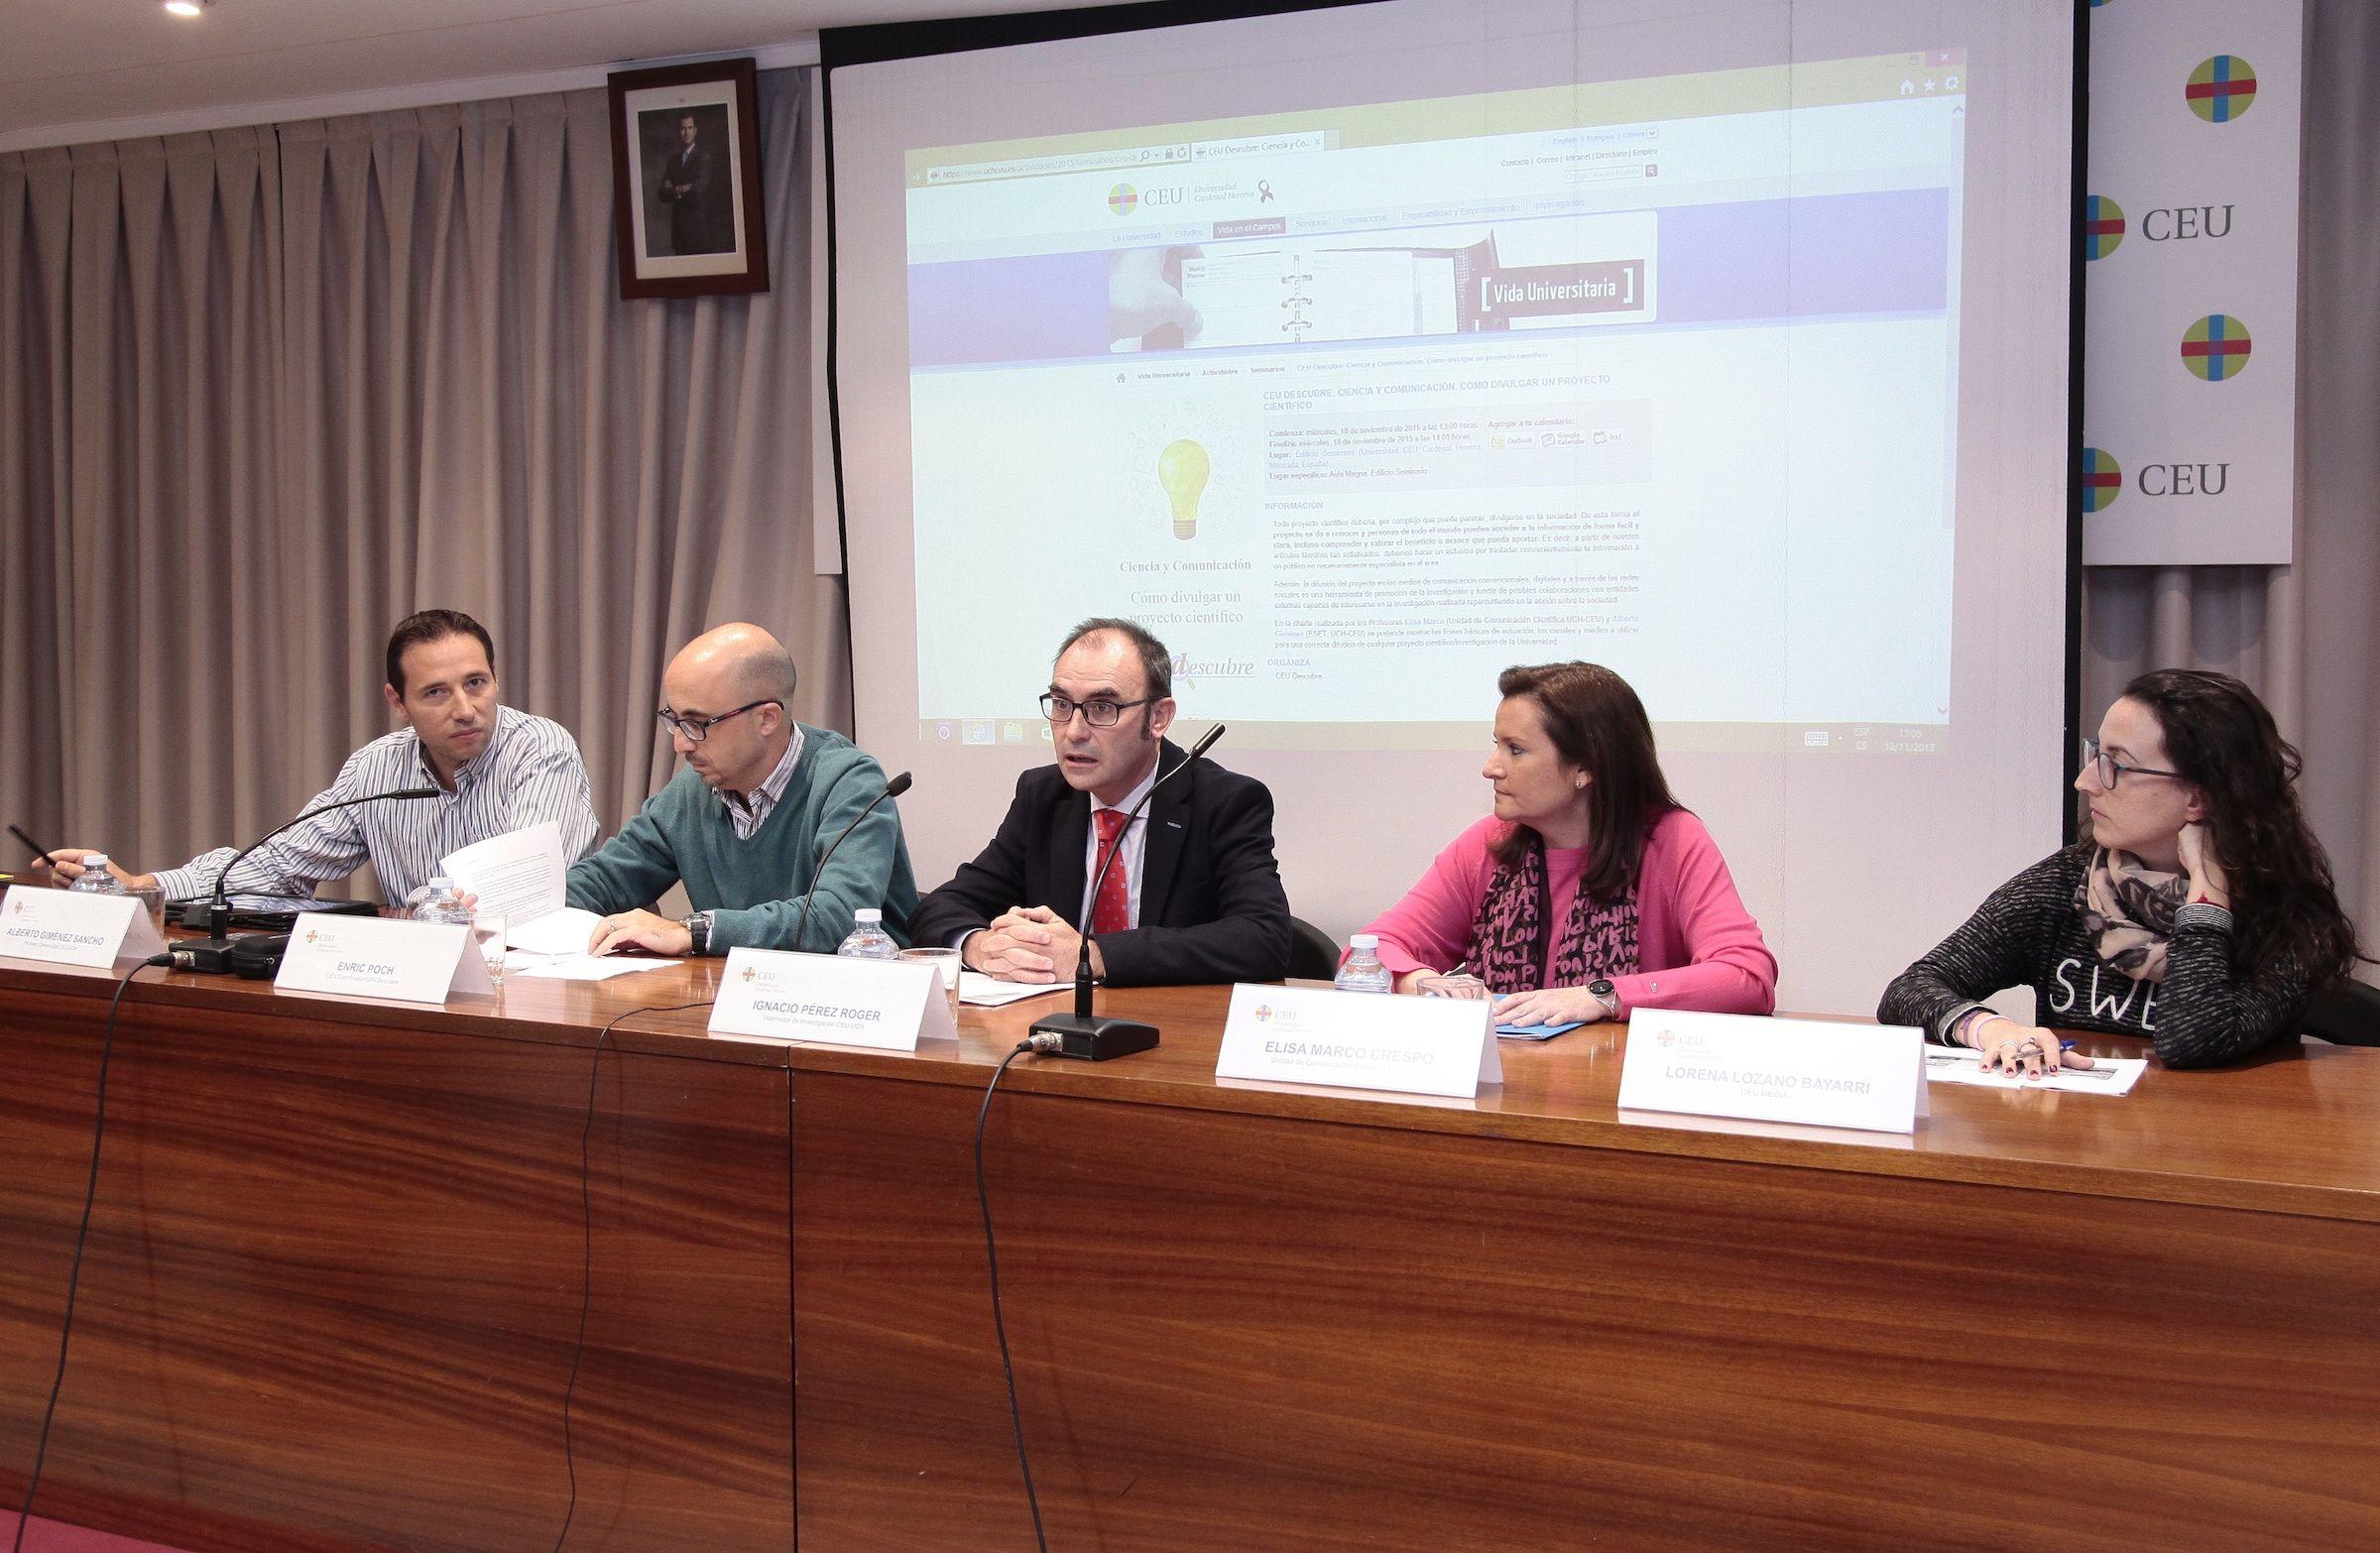 El vicerrector de Investigación, Ignacio Pérez Roger, y el coordinador de CEU Descubre, Enric Poch, han presentado la sesión.